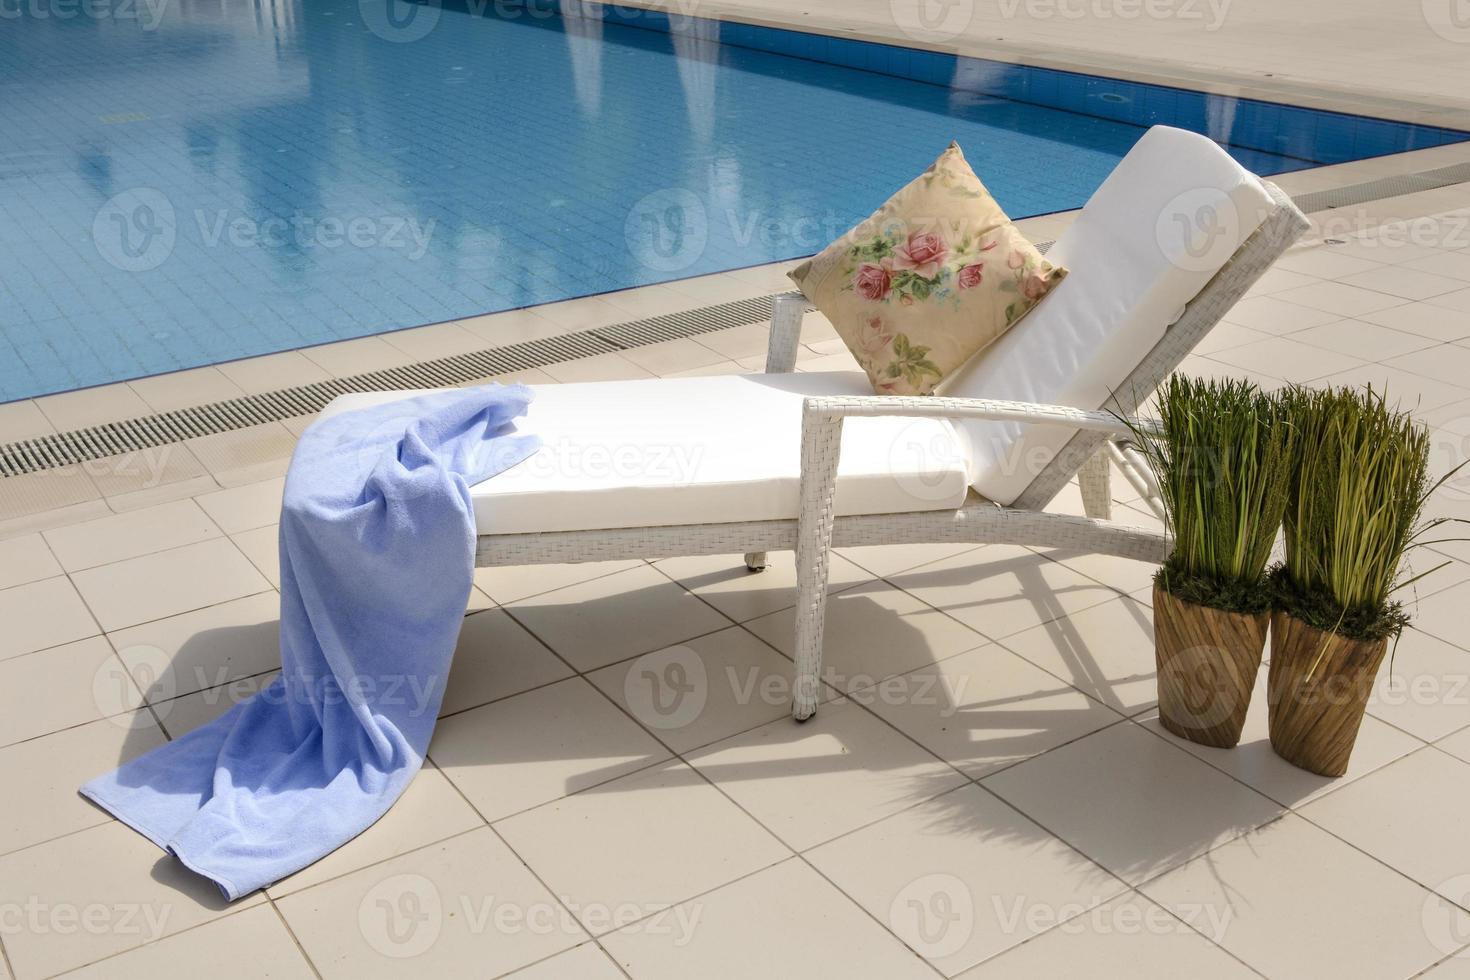 Sonnenliege neben dem Pool in einem Luxushotel foto